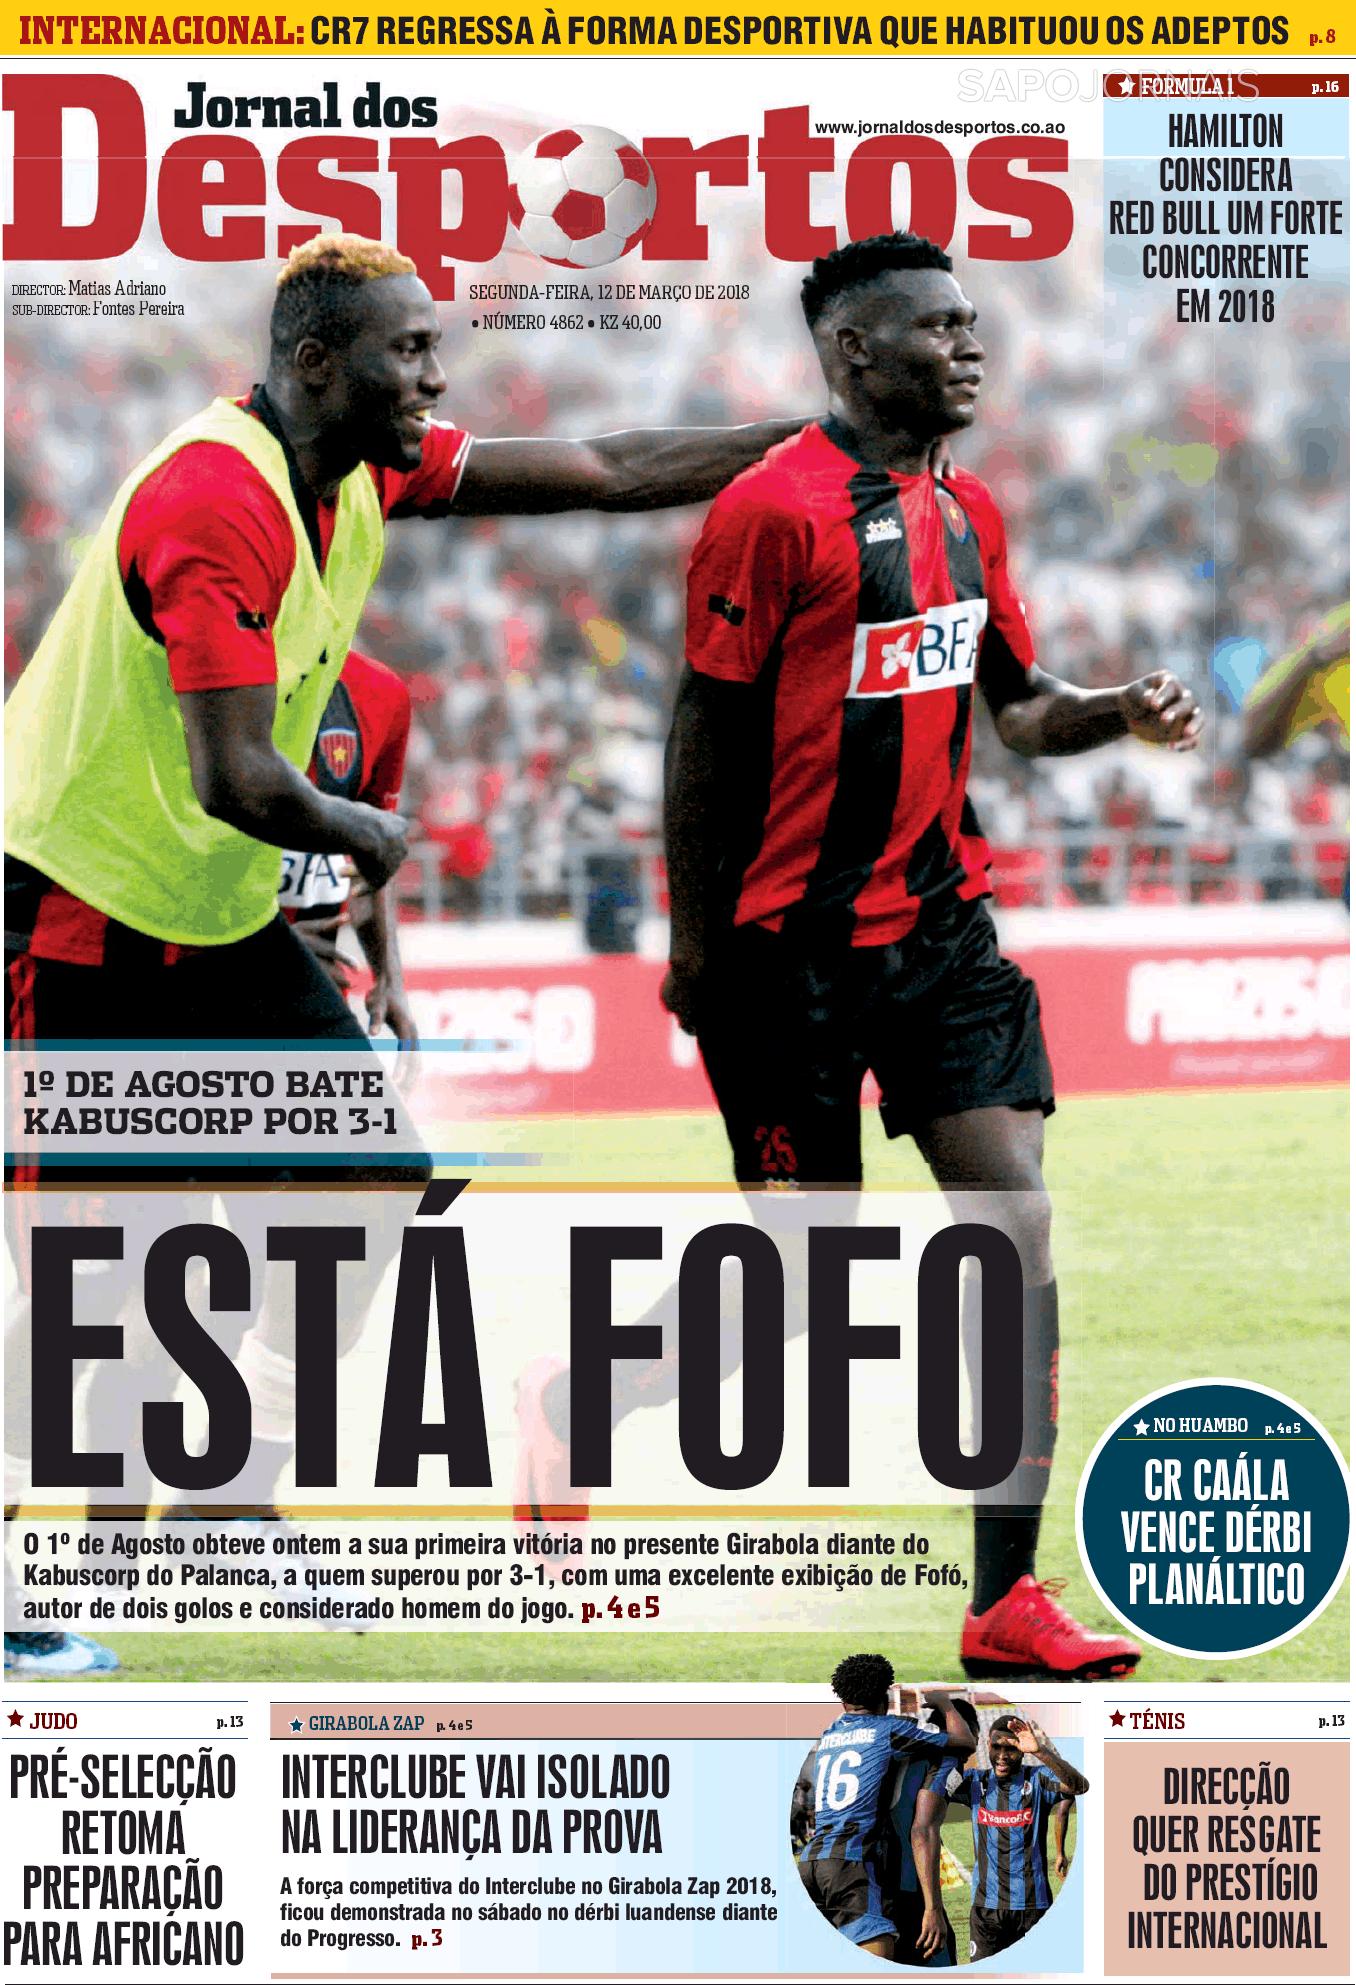 jornal dos desportos  12 mar 2018  - jornais e revistas